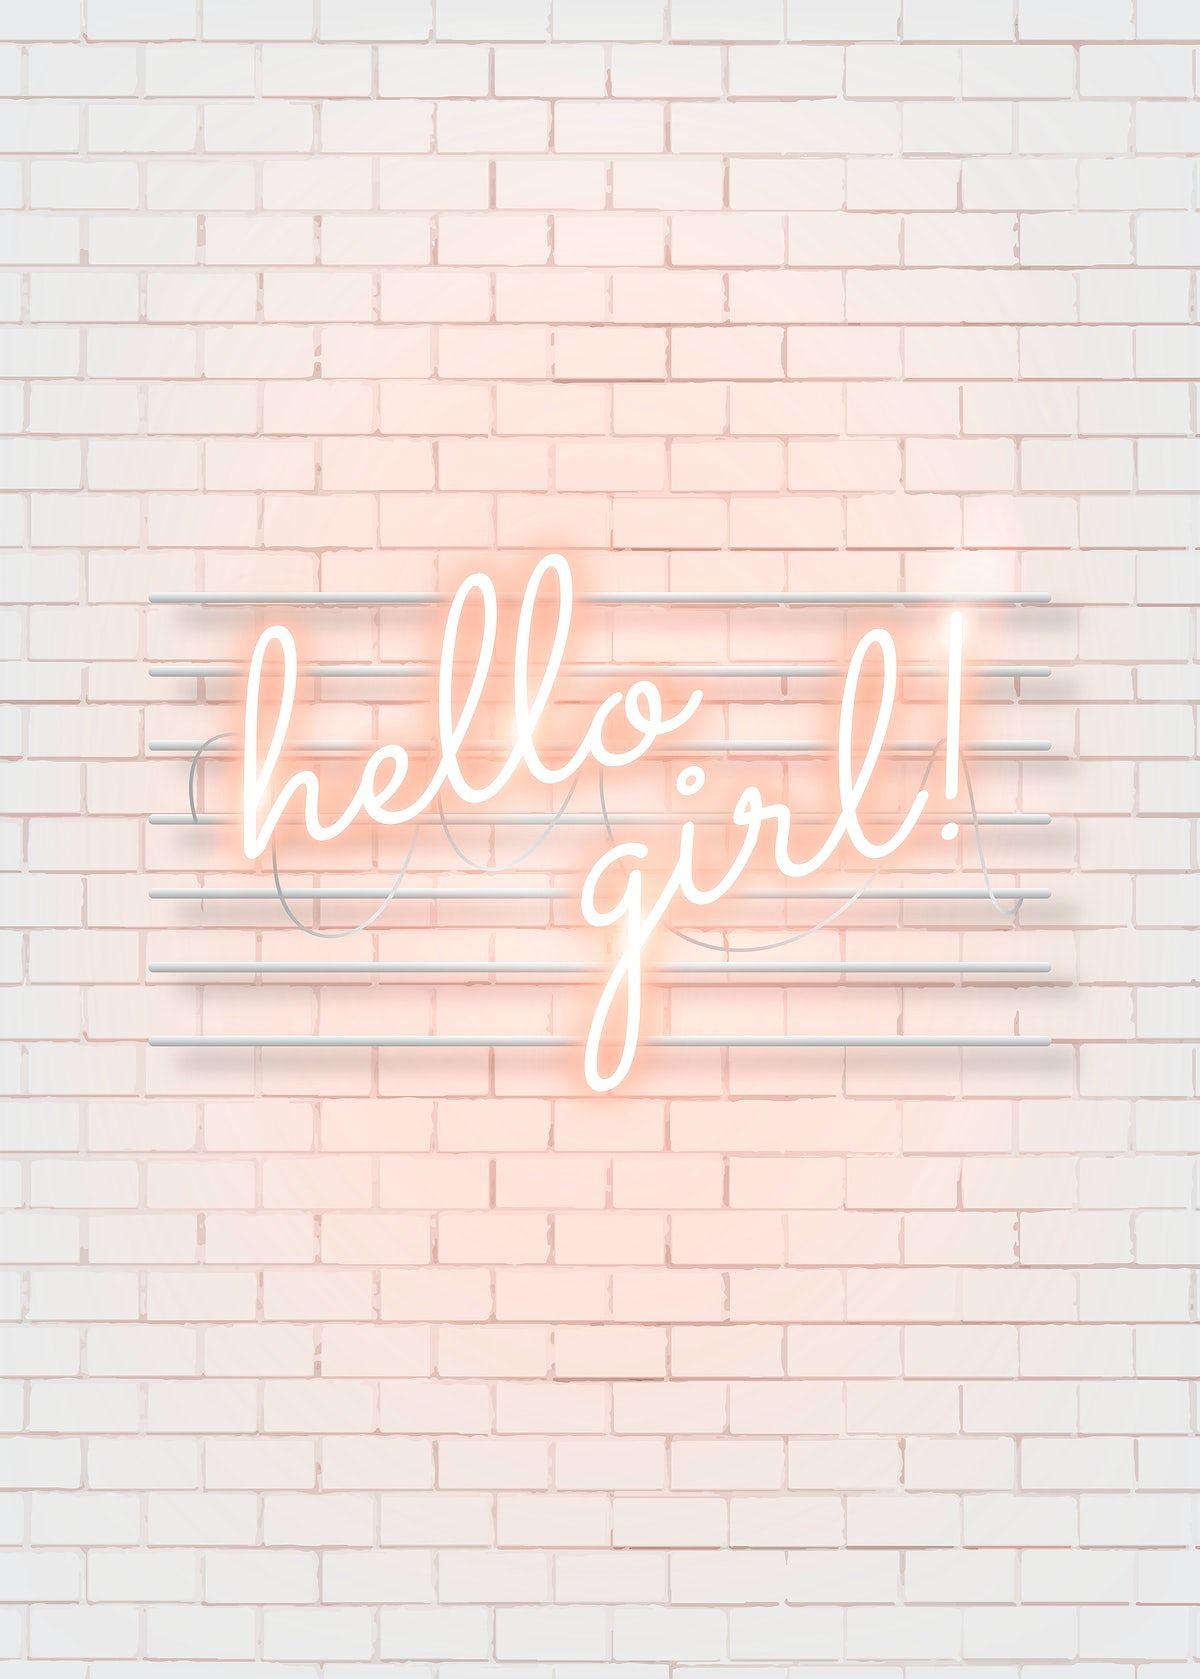 Download Premium Vector Of Hello Girl Neon Word On A White Brick Wall Neon Words White Brick Walls Wall Wallpaper